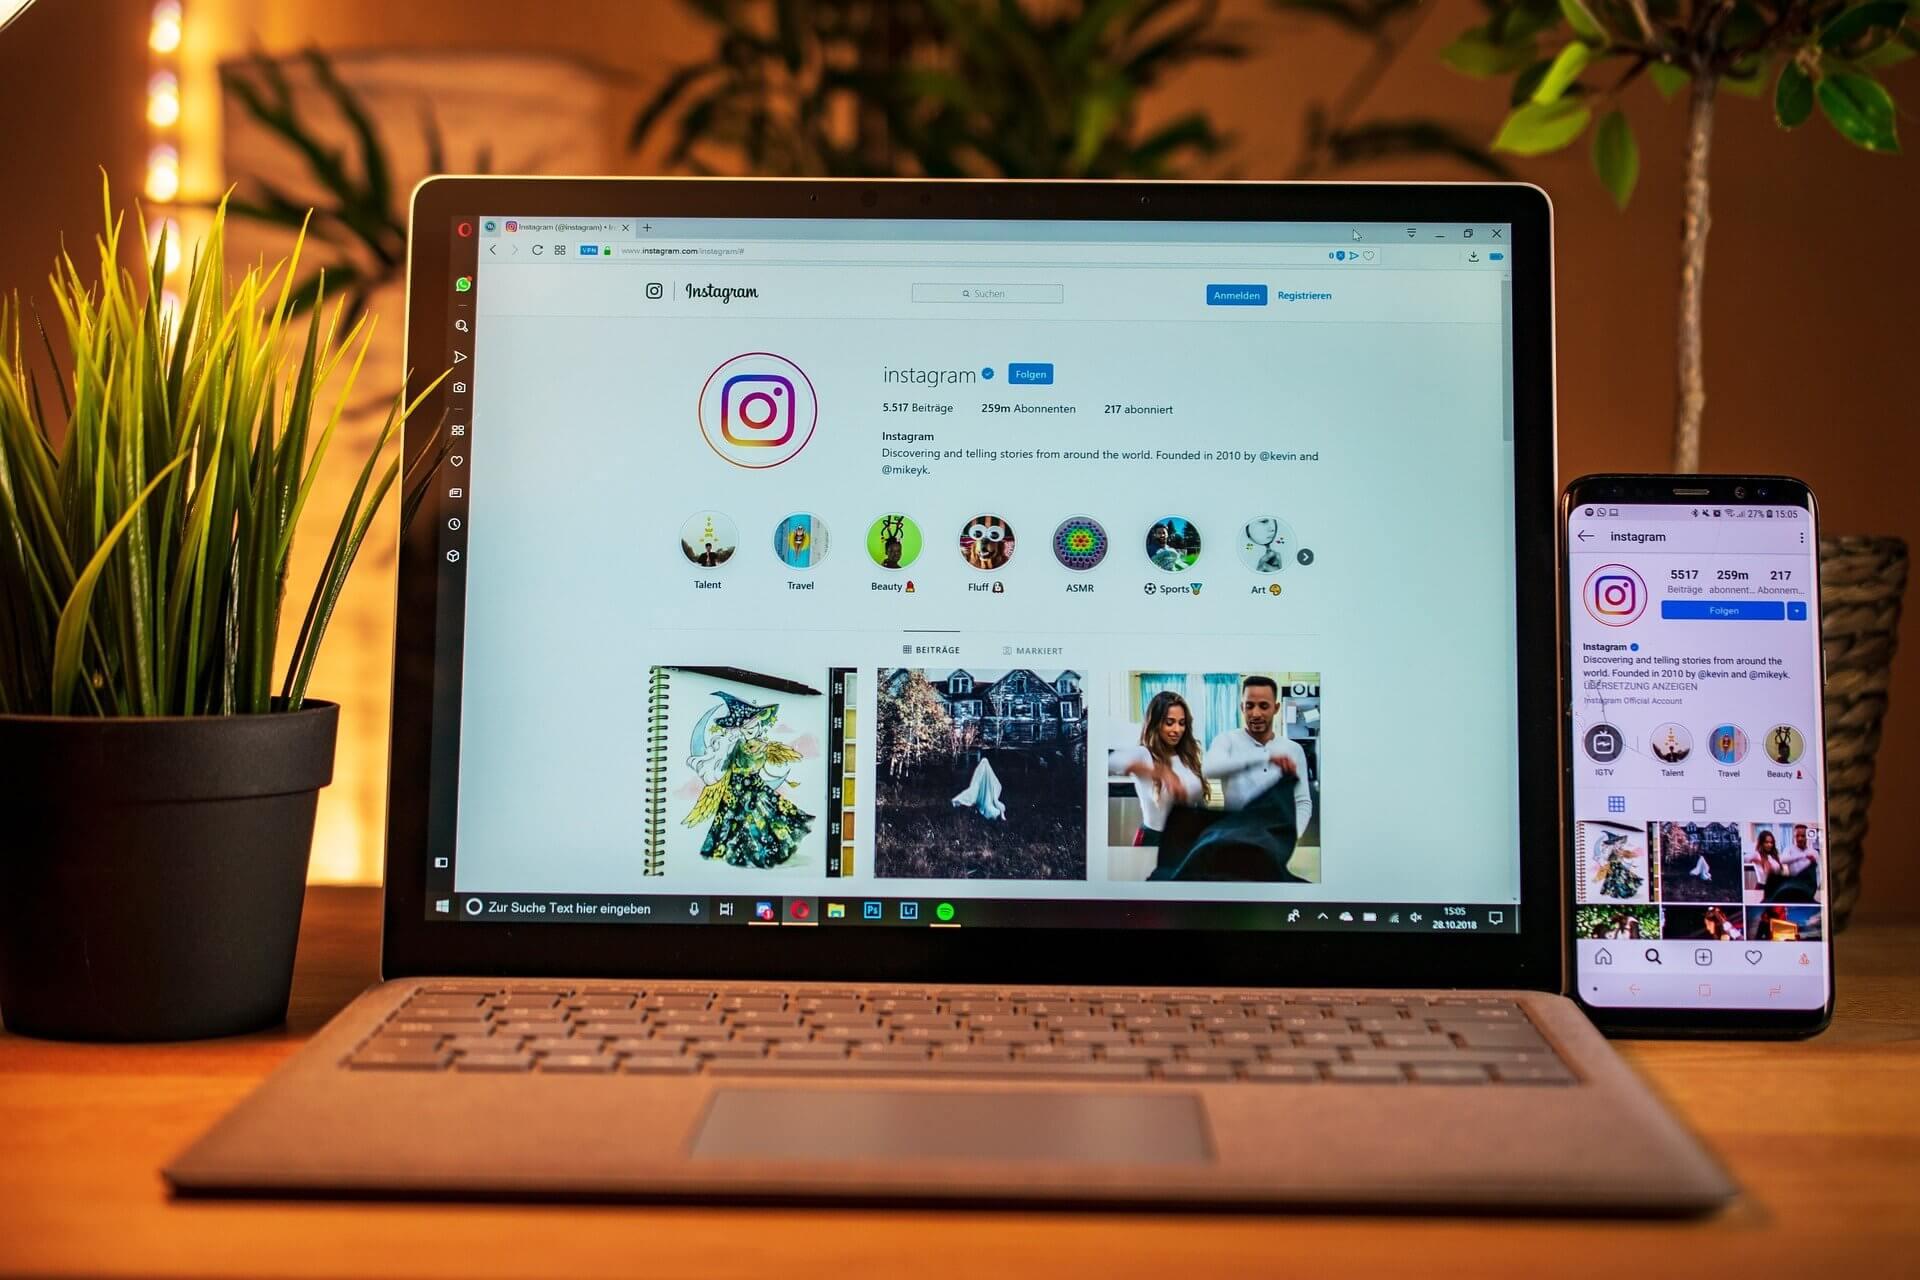 Laptop care este deschis pe pagina de Instagram